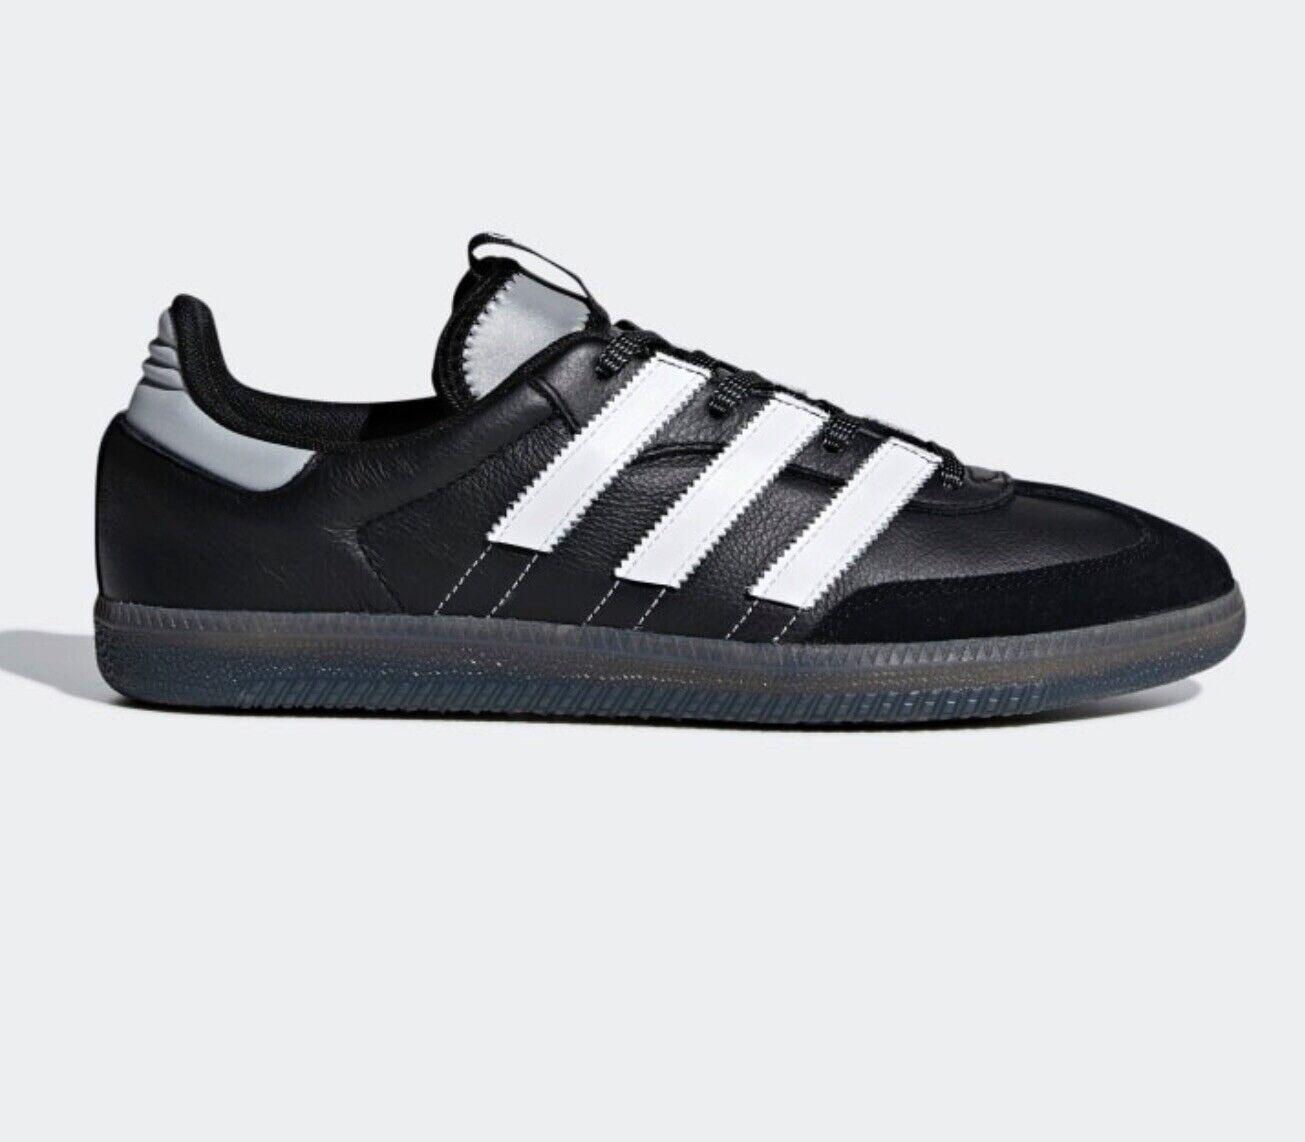 Adidas Samba og MS Entrenadores Talla 8 Negras blancoas Reflectante Nuevo Y En Caja